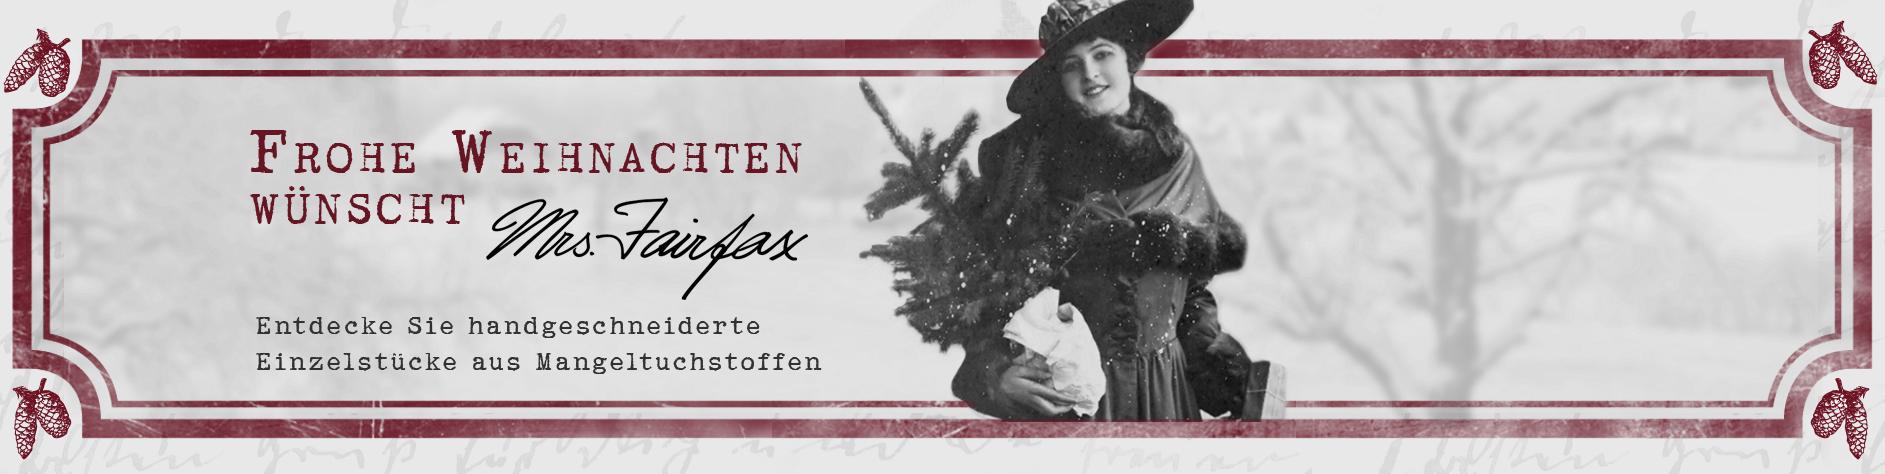 Slider-Mrs-Fairfax-Slider-Startseite-weihnachten